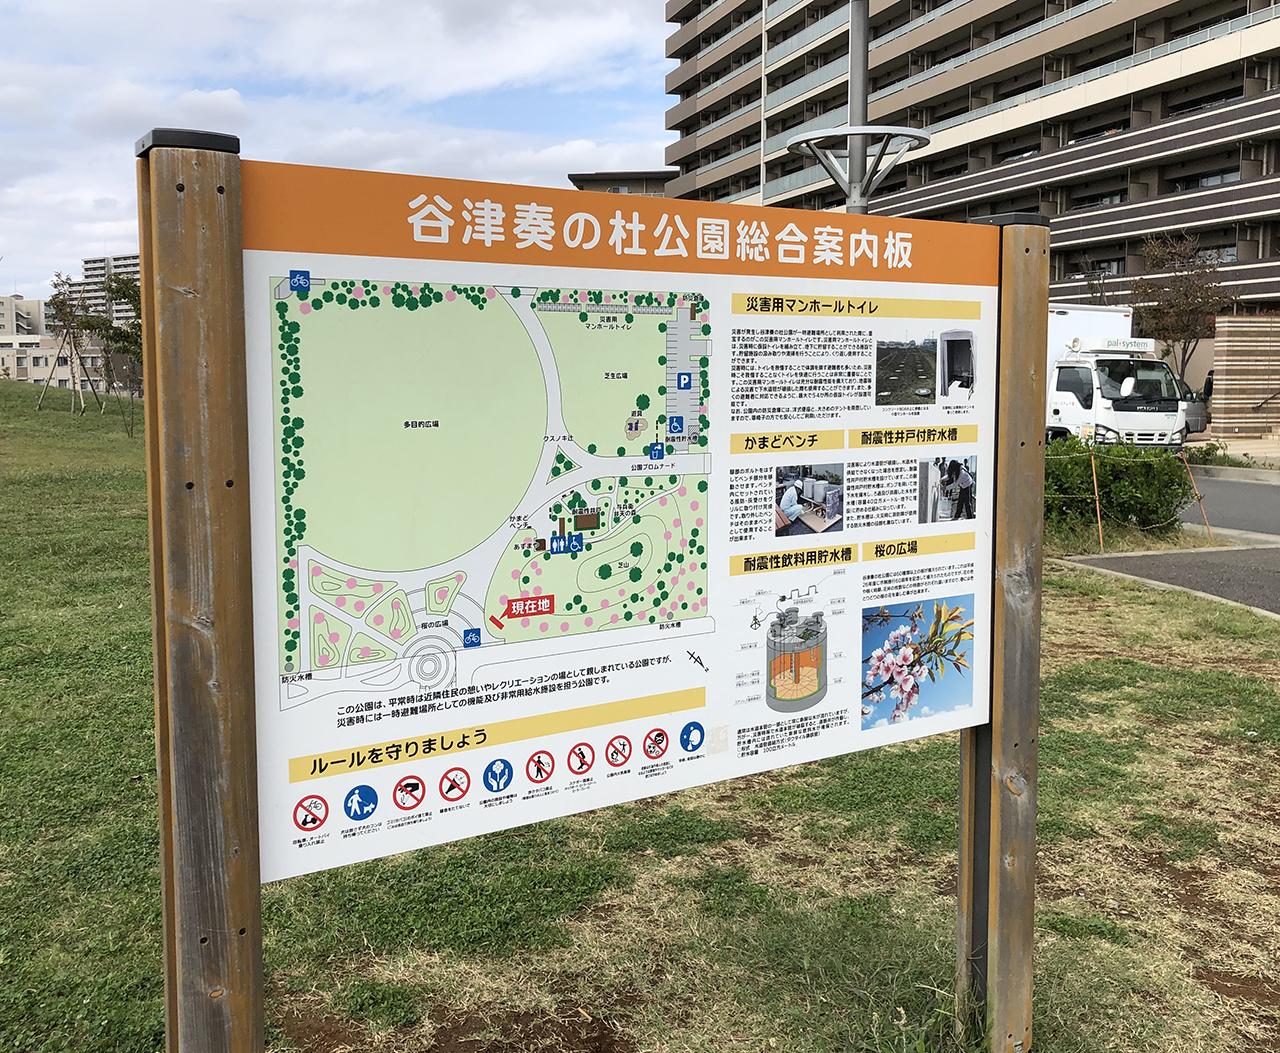 公園の総合案内板の写真